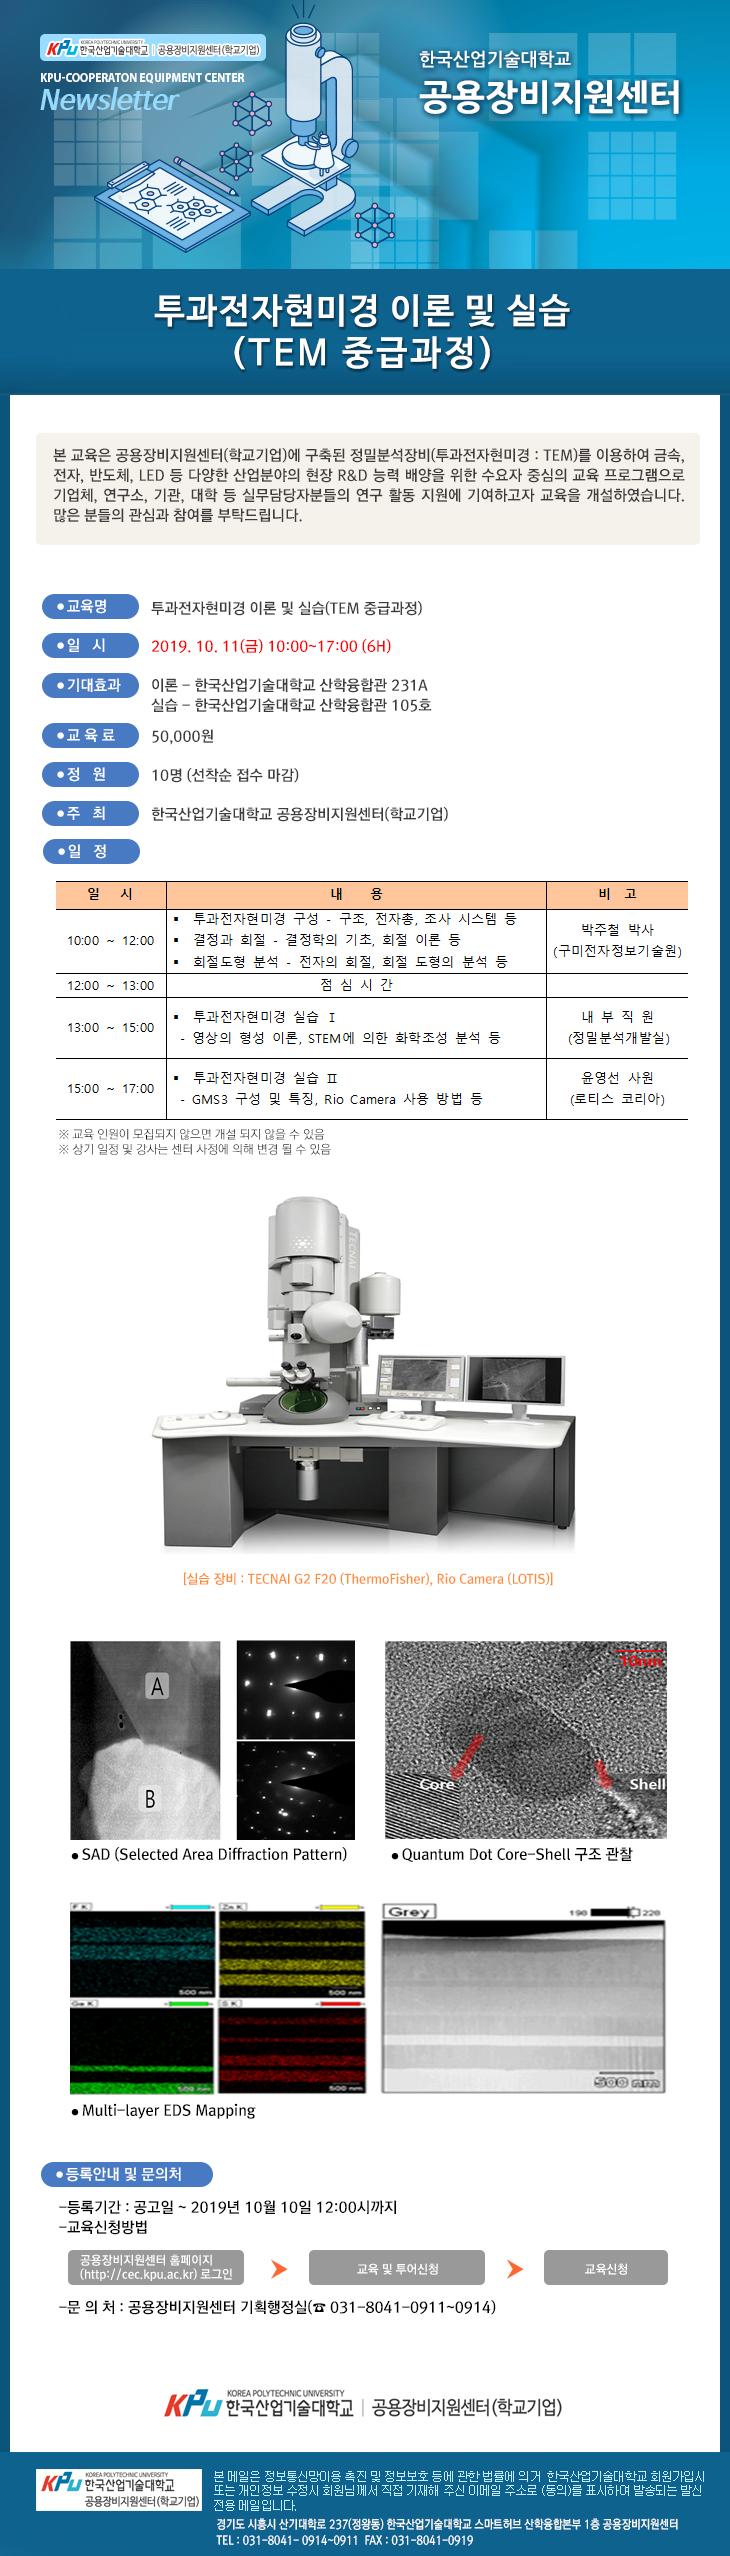 투과전자현미경  이론 및 실습(TEM 중급과정) 이레터시안.jpg